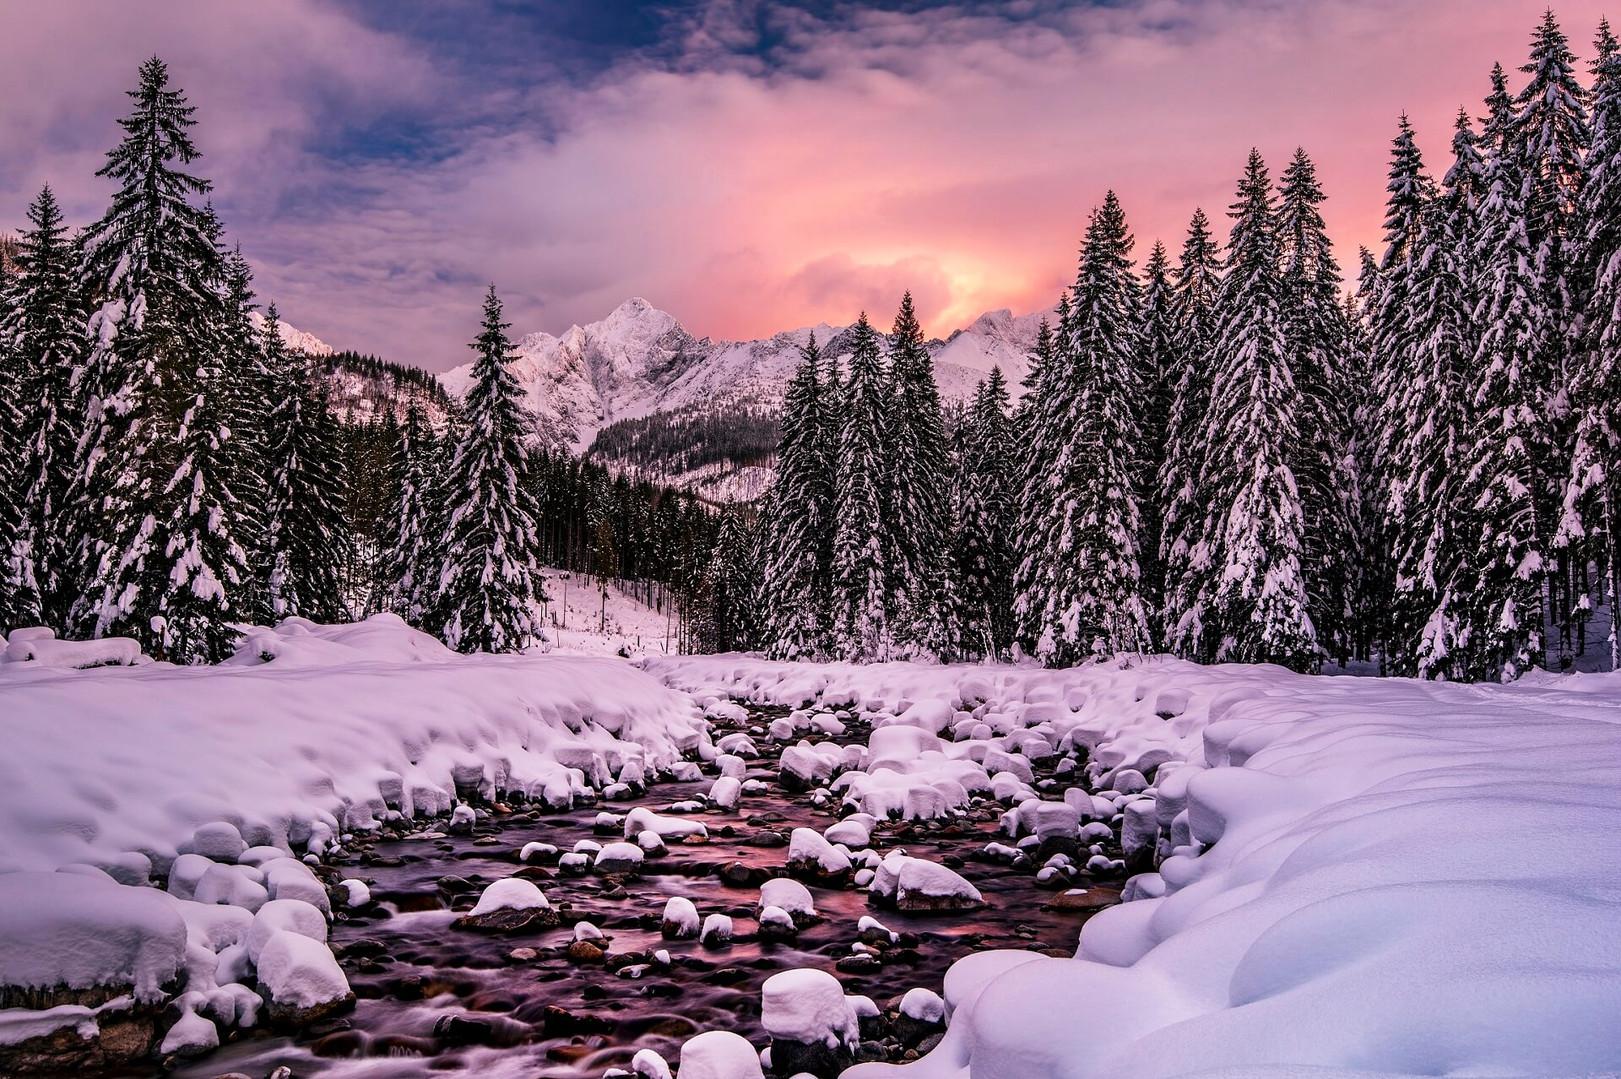 Winter valleys in High Tatras